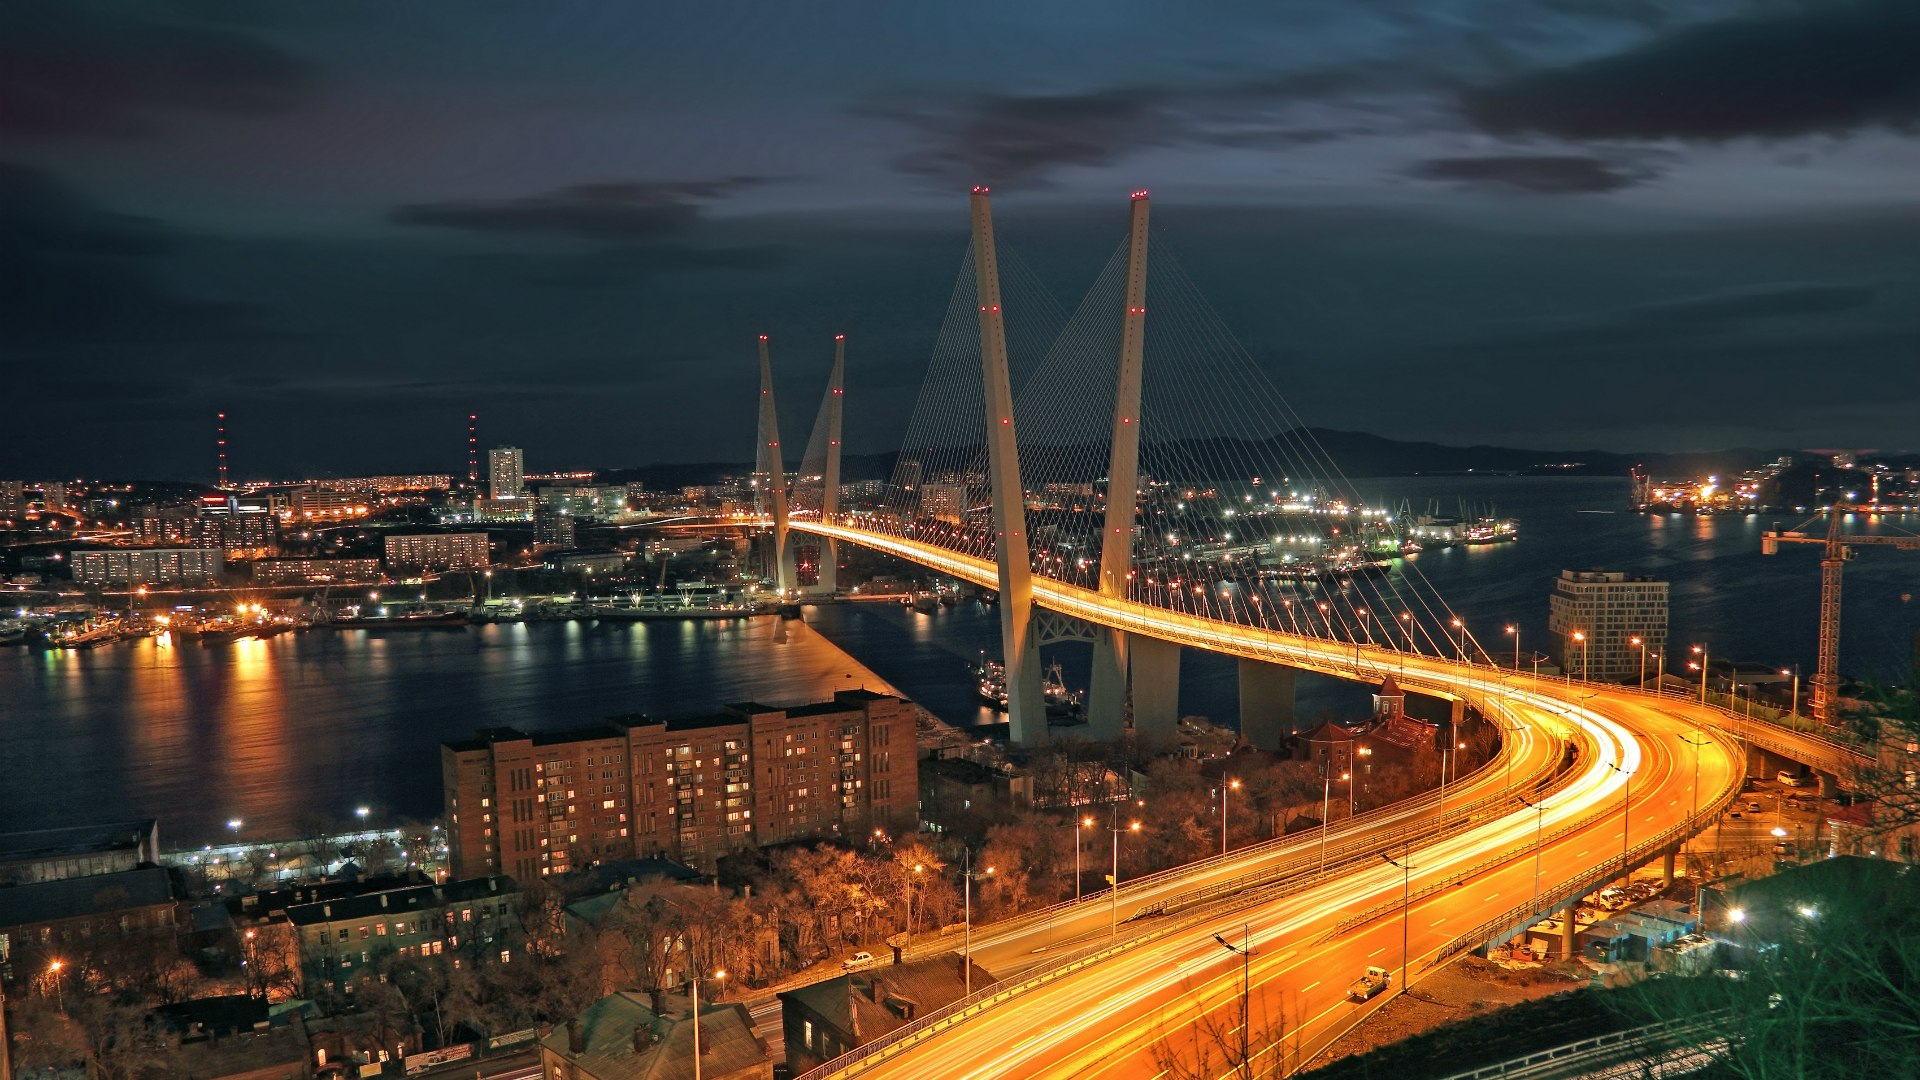 Vladivostok chính thức trở thành thủ đô của vùng Viễn Đông